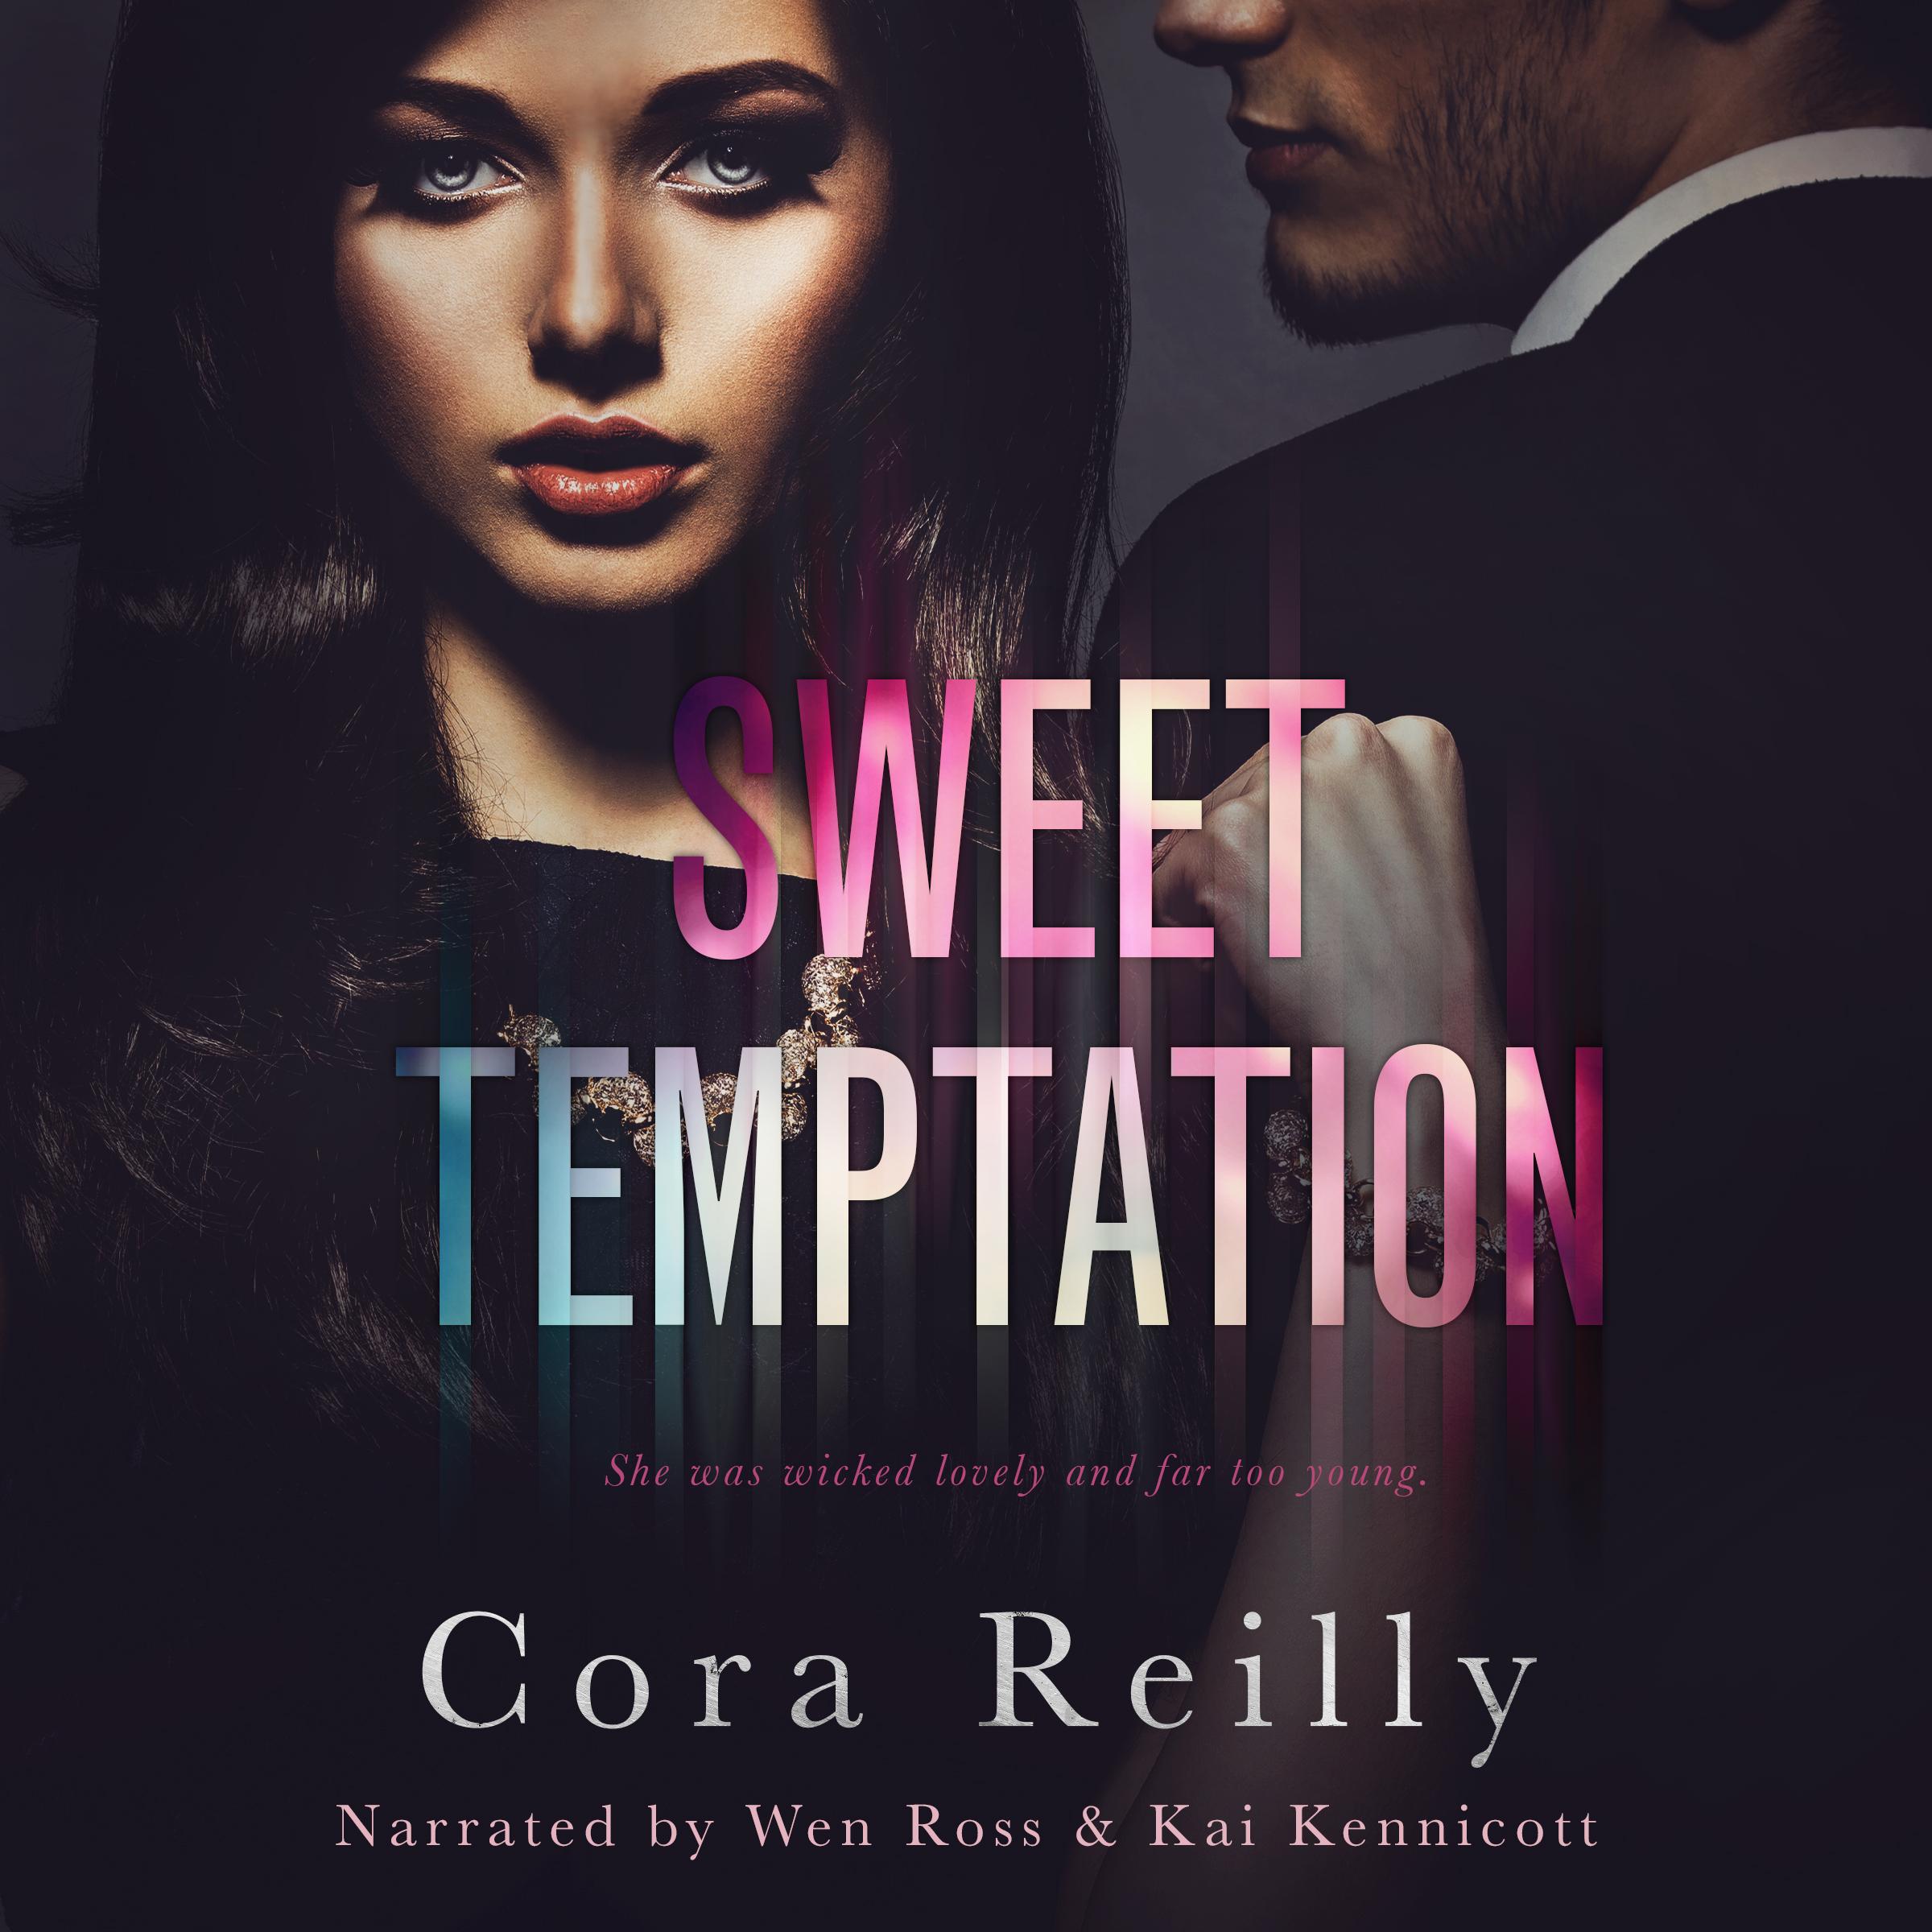 SweetTemptation AUDIO